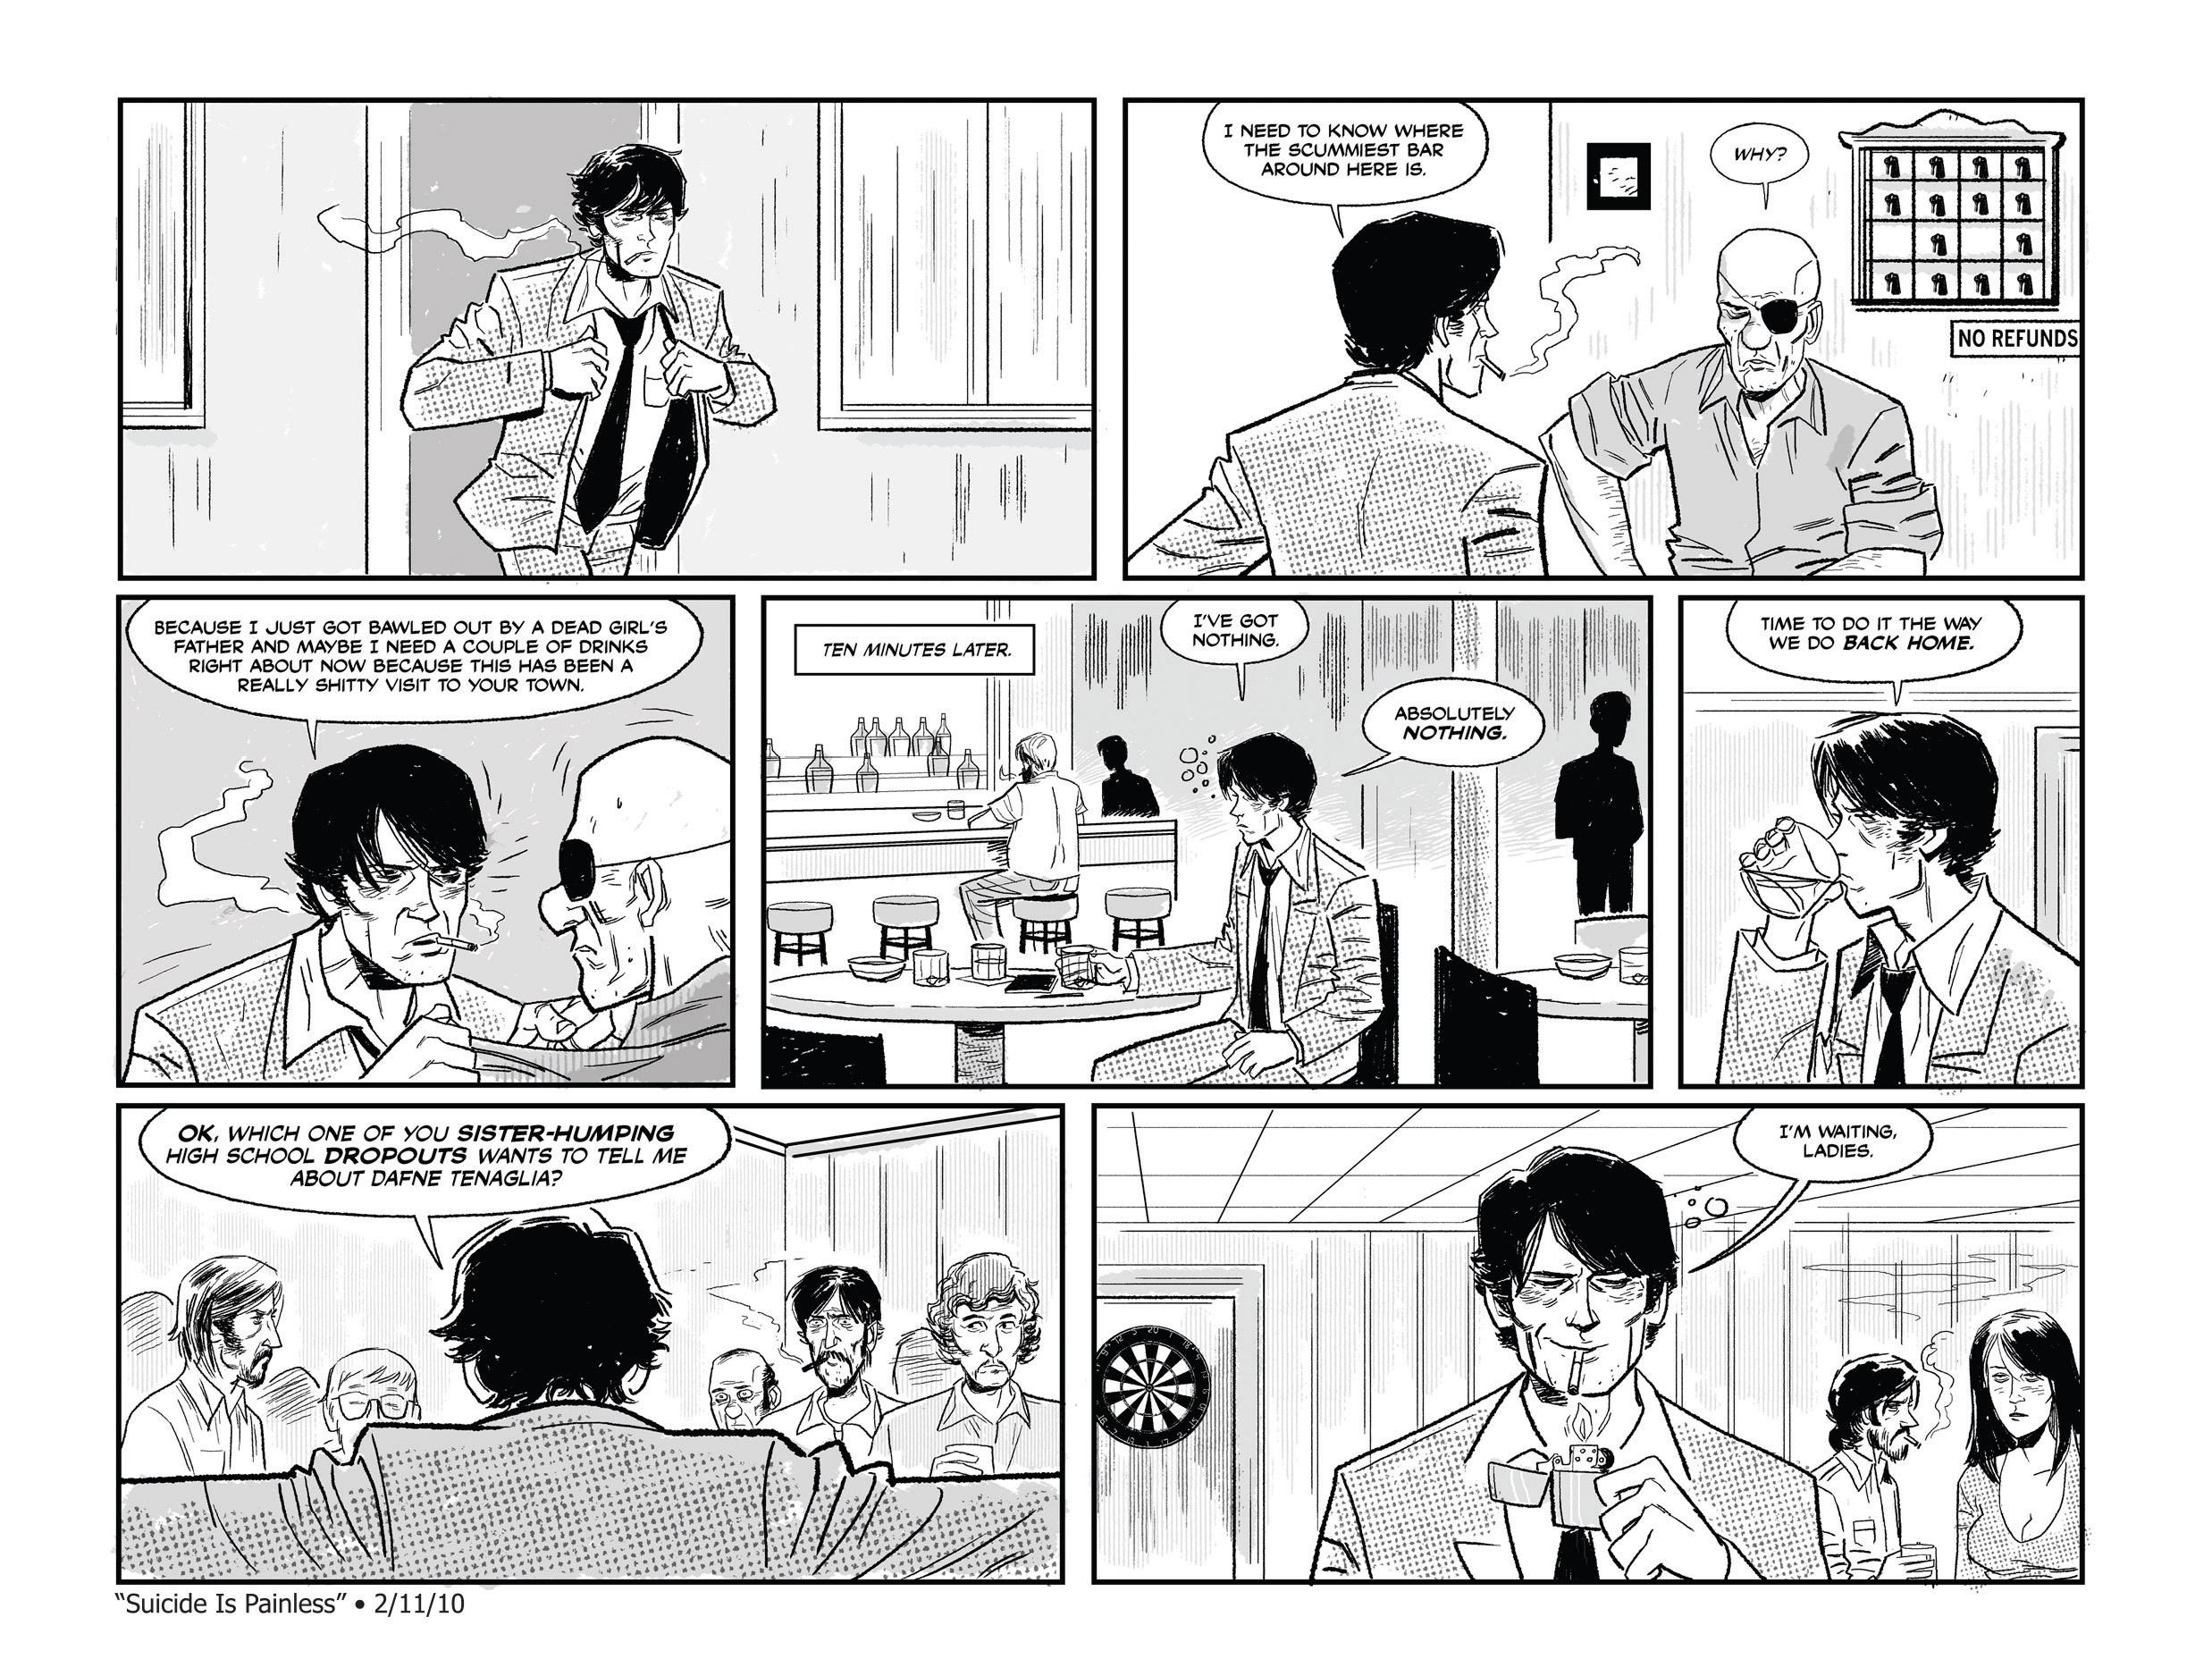 Read online She Died In Terrebonne comic -  Issue #2 - 10